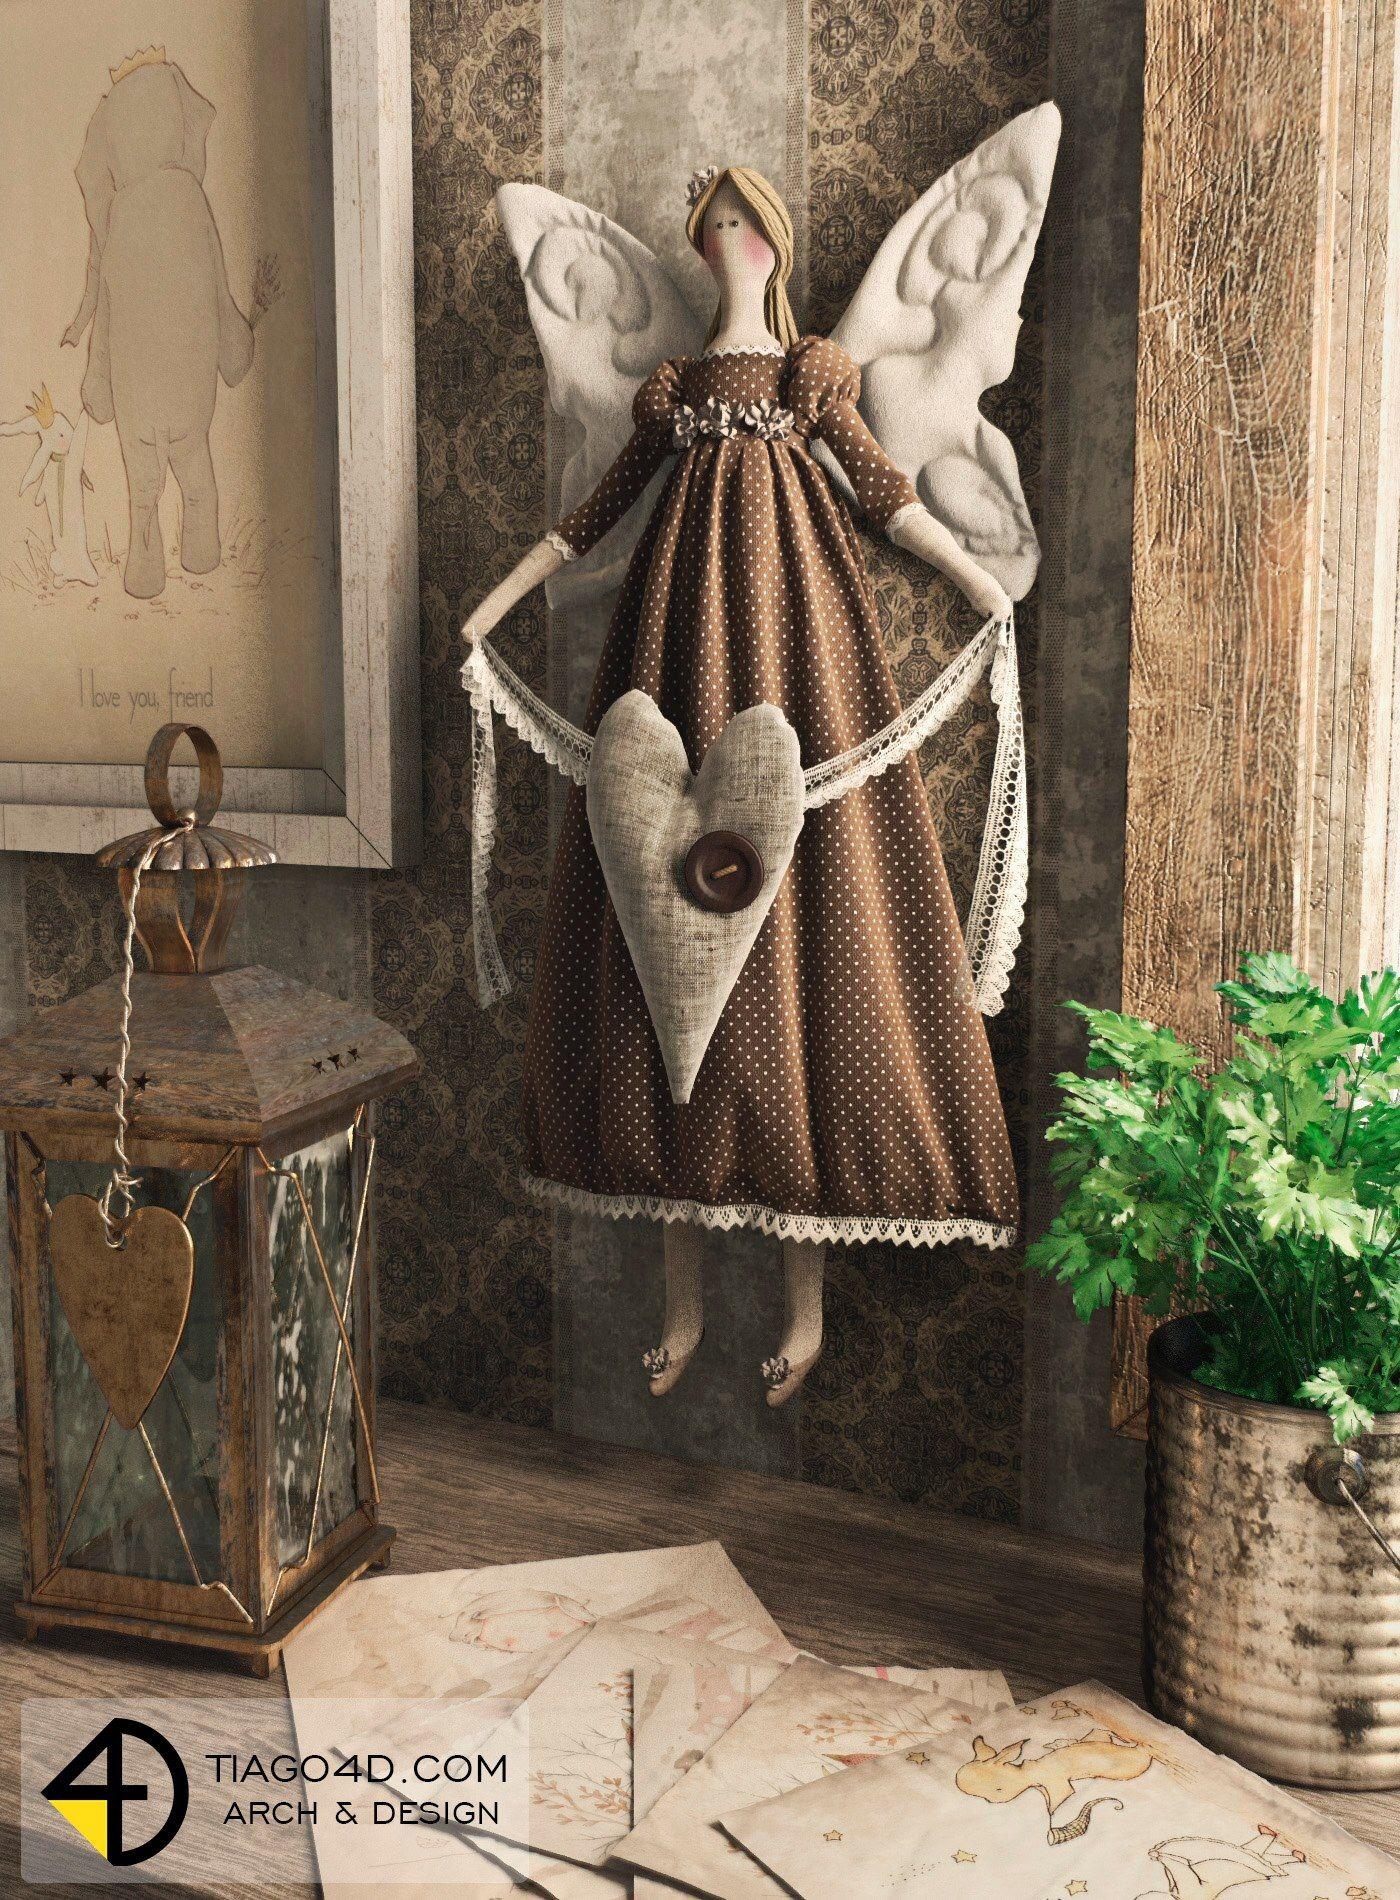 1000 bilder zu tilda auf pinterest handarbeit deko und puppen. Black Bedroom Furniture Sets. Home Design Ideas